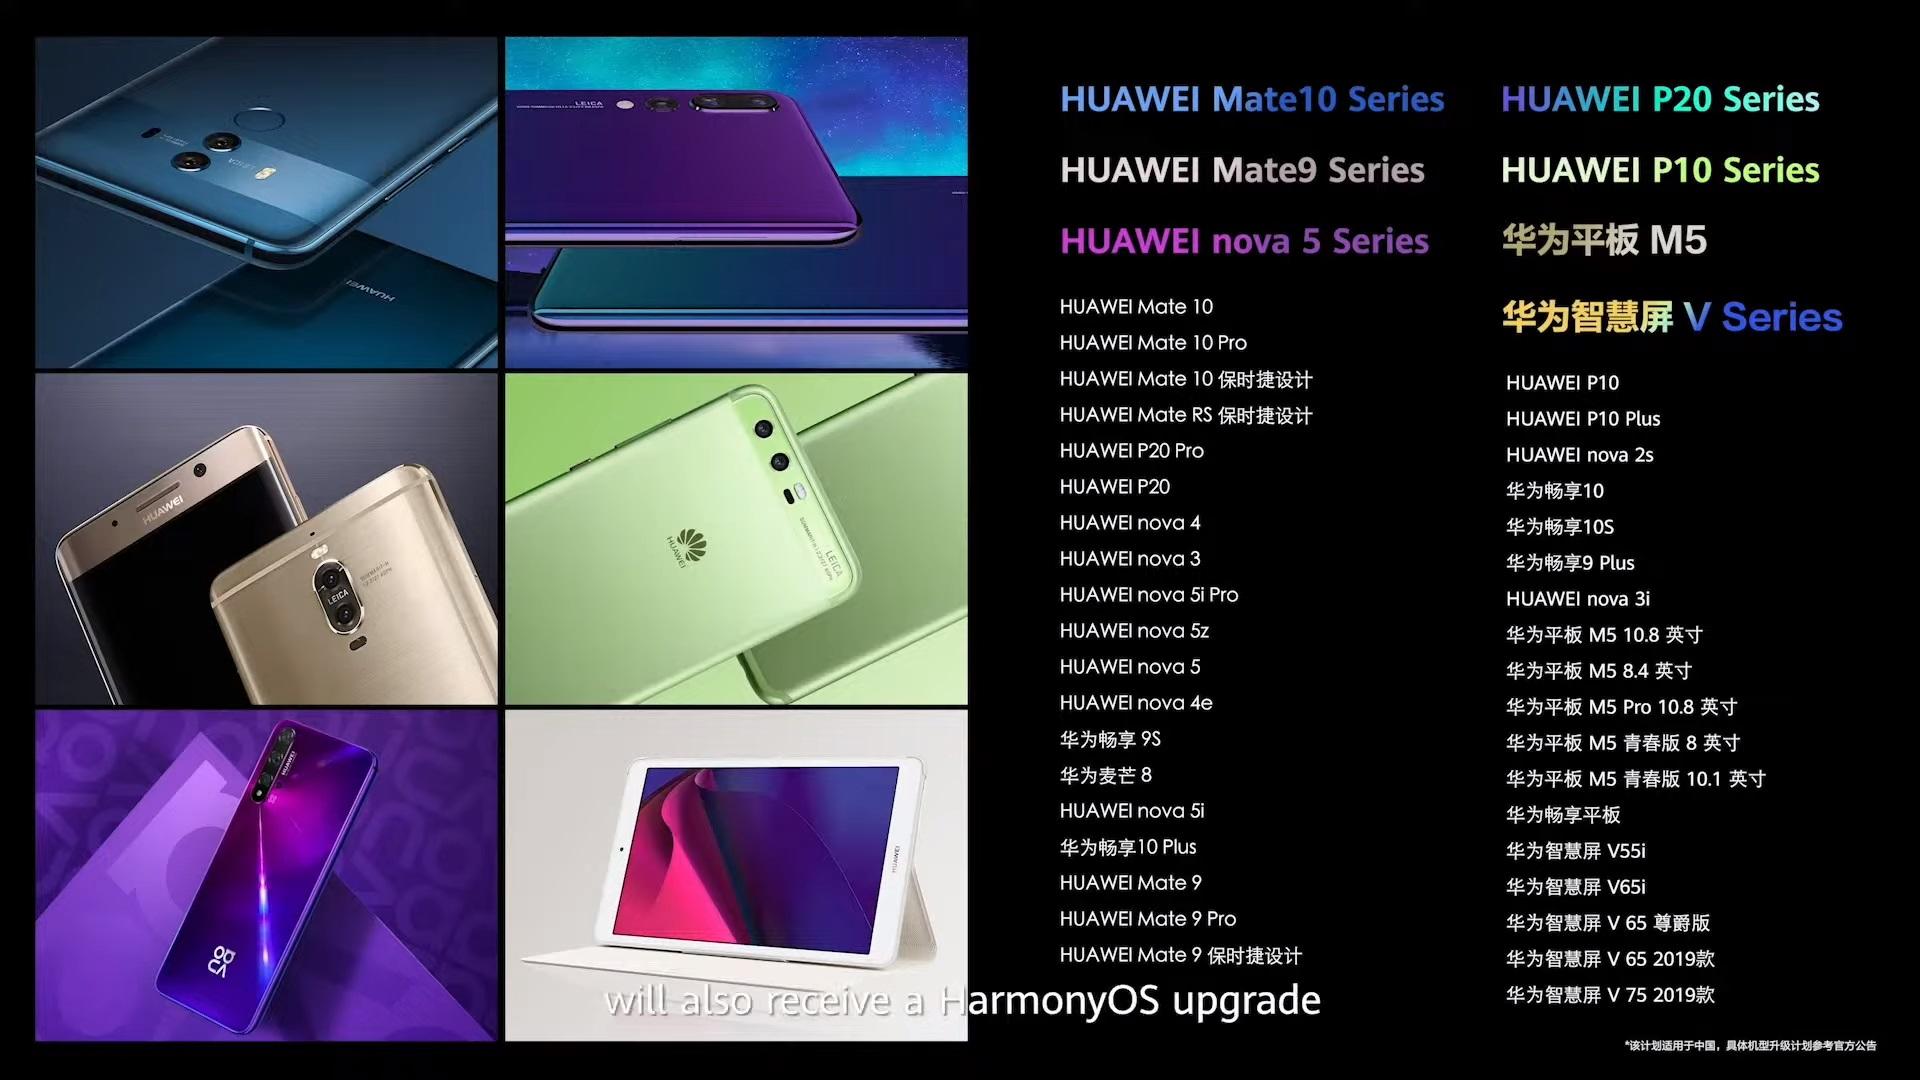 aktualizacja do HarmonyOS update